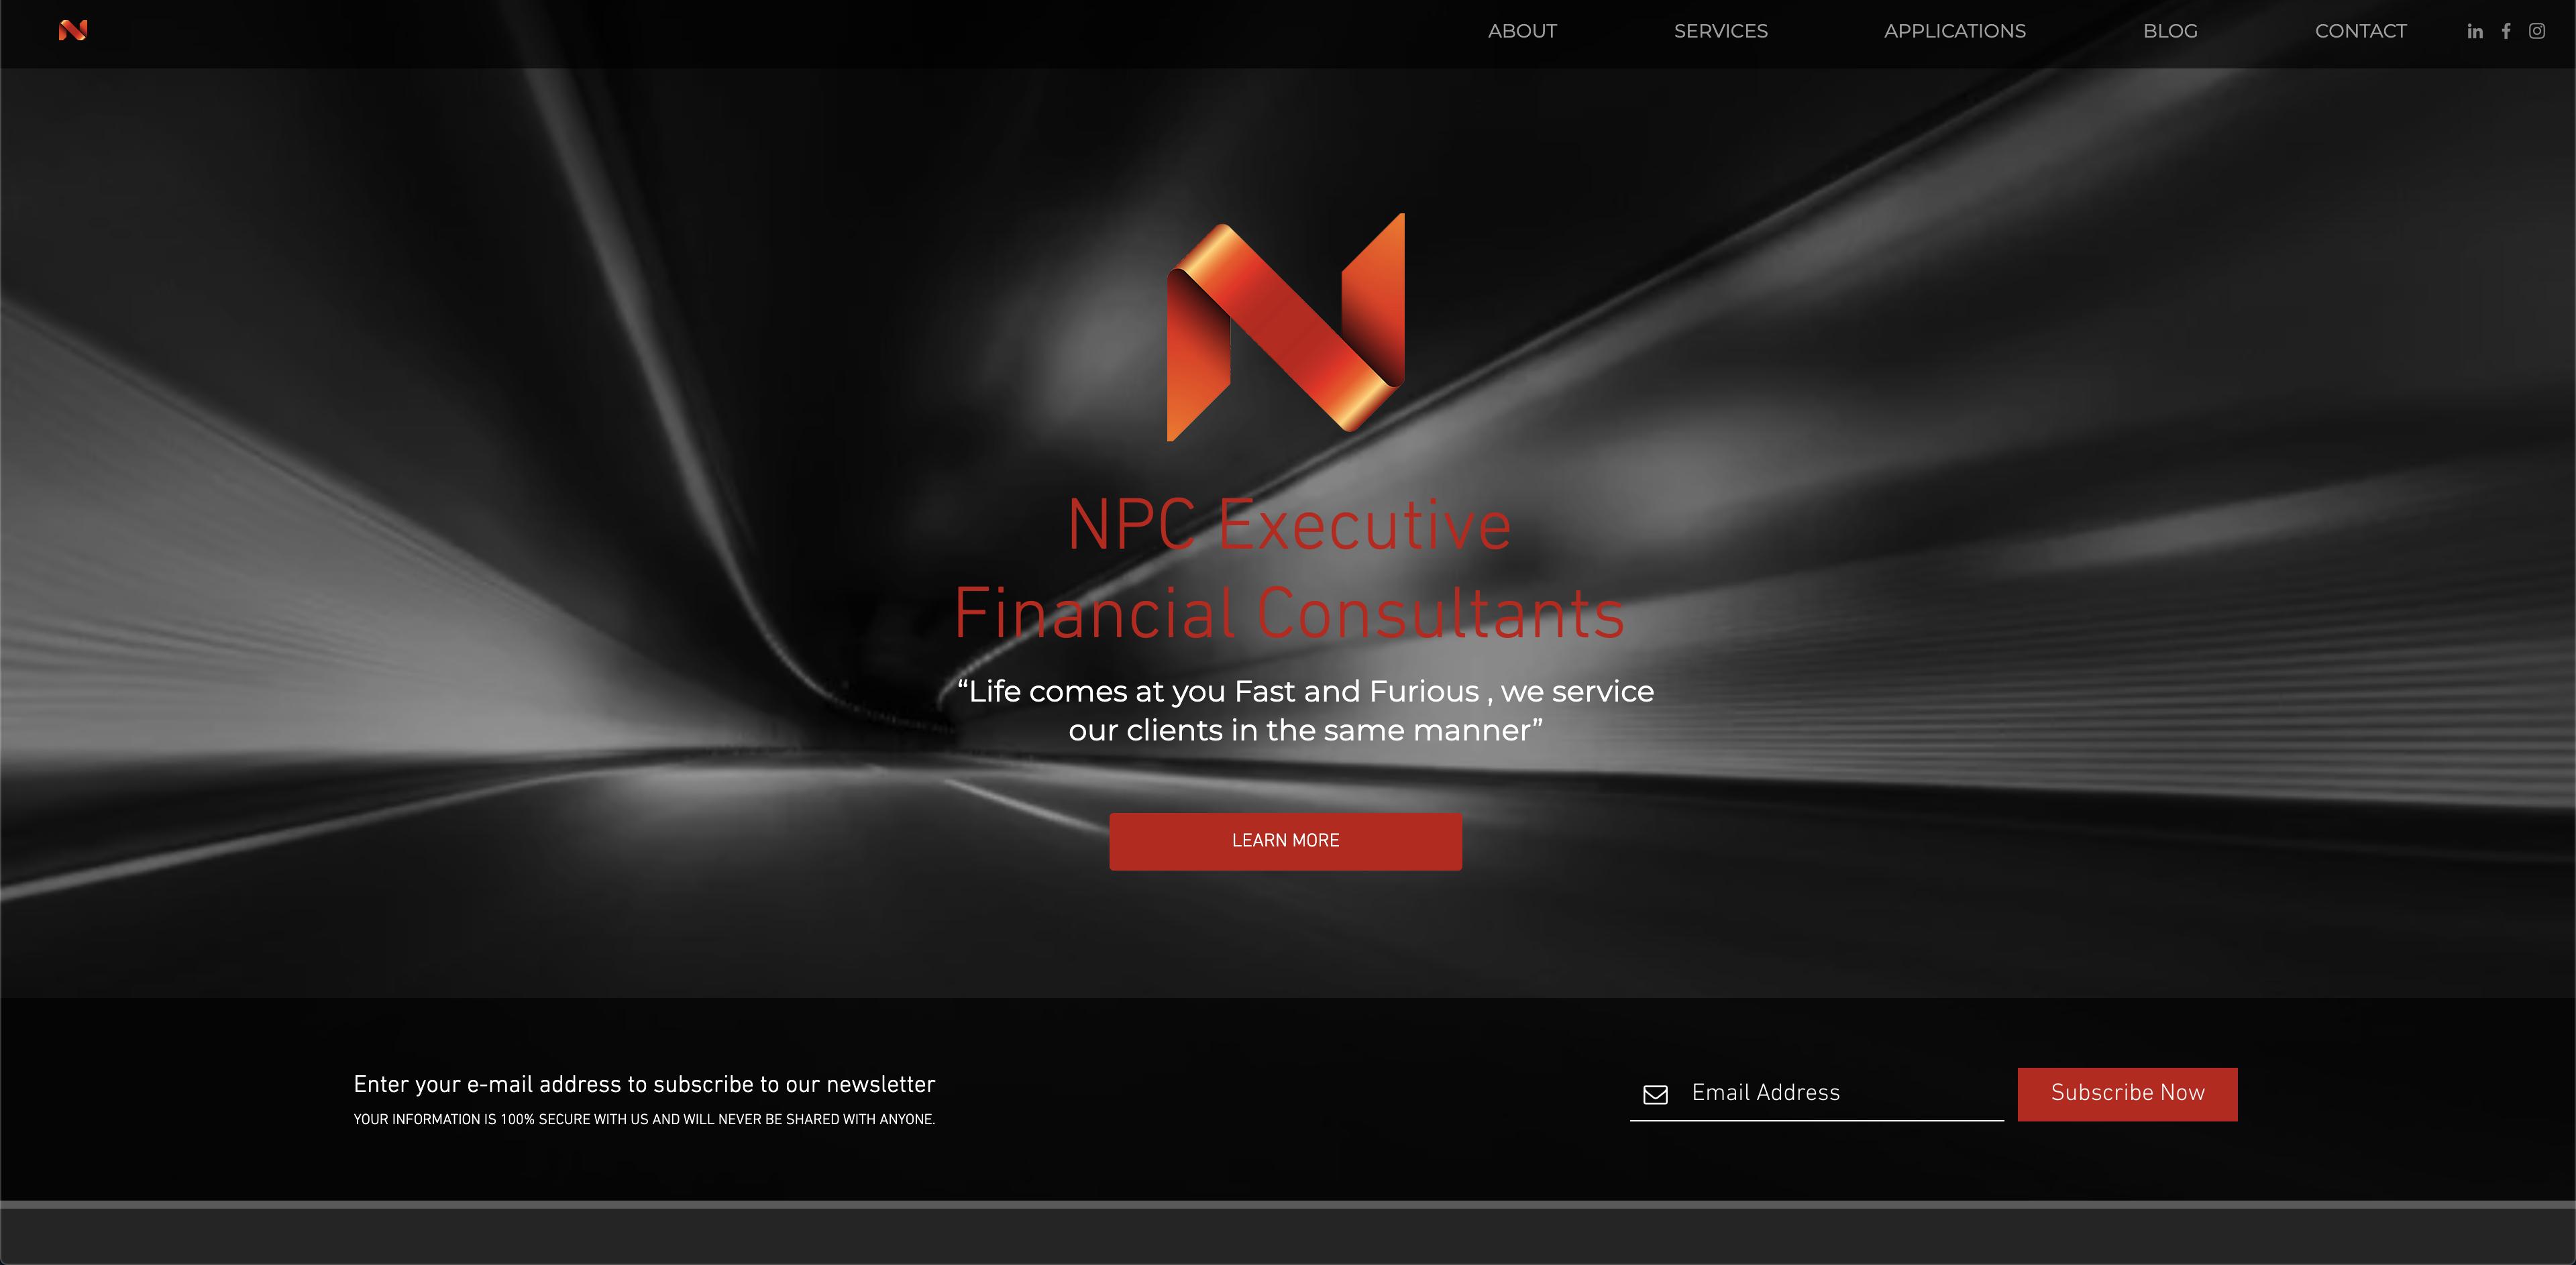 NPC Financial